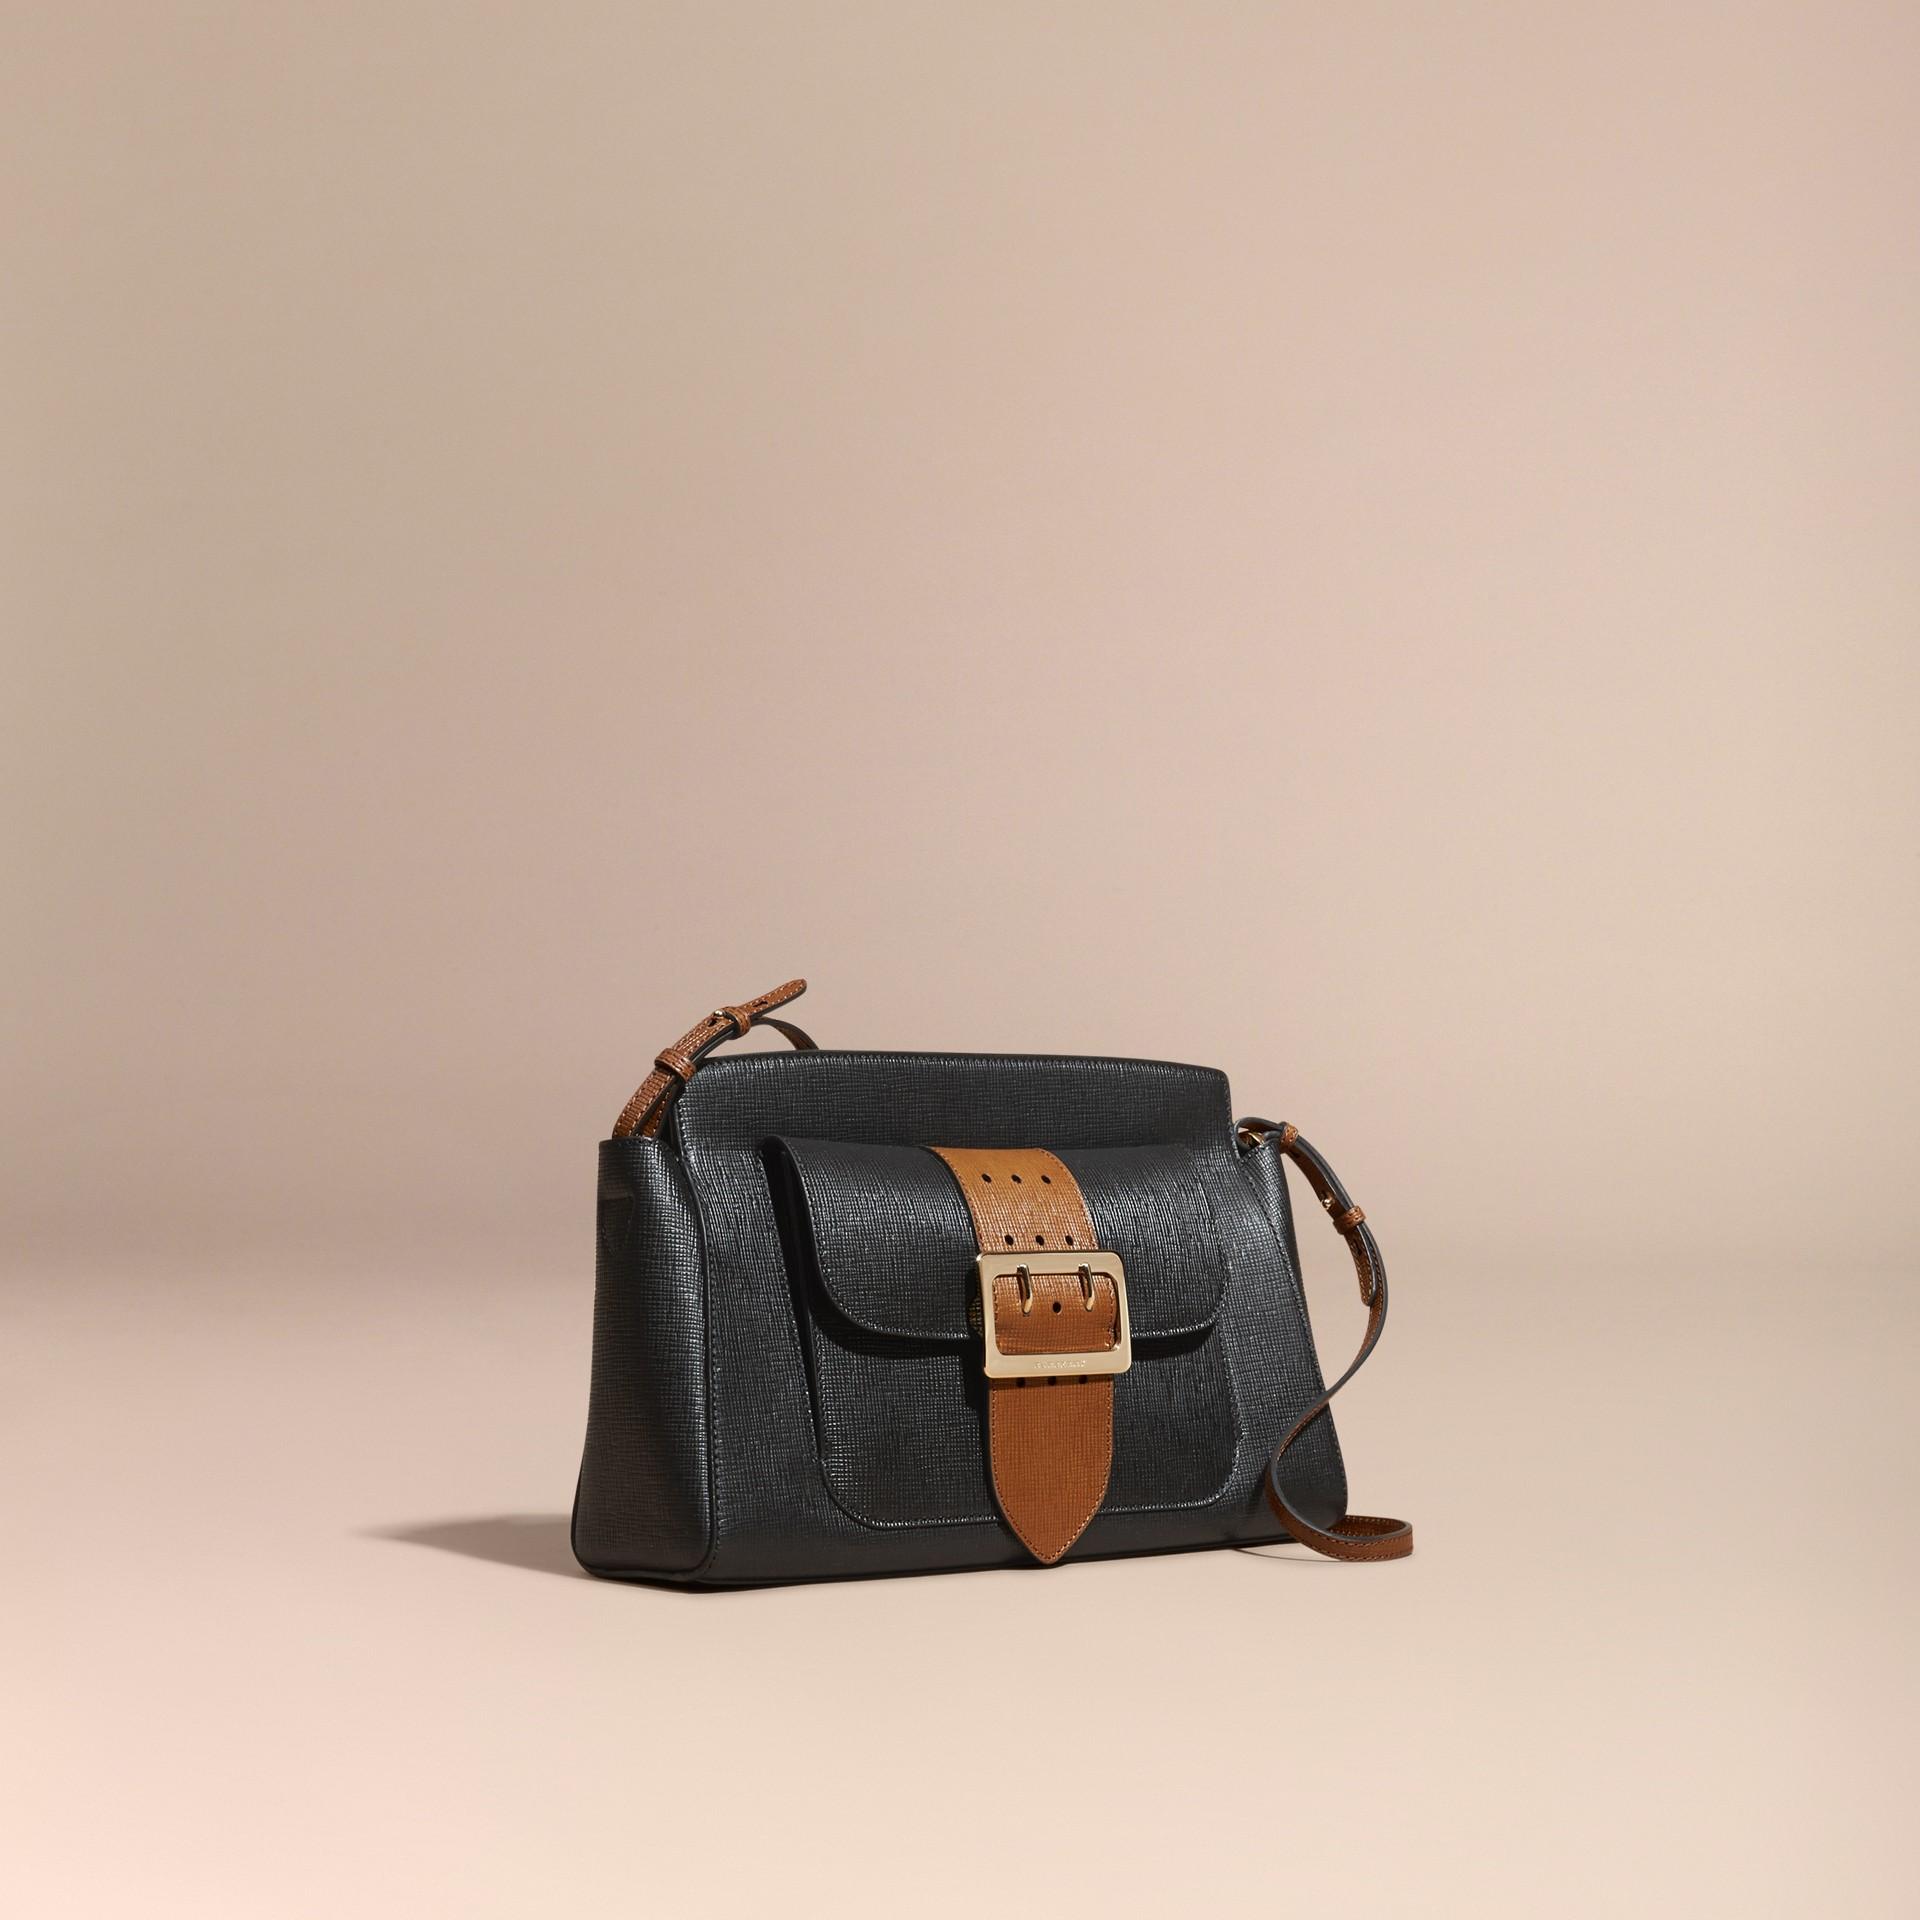 Черный Сумка-клатч Saddle из текстурной кожи - изображение 1